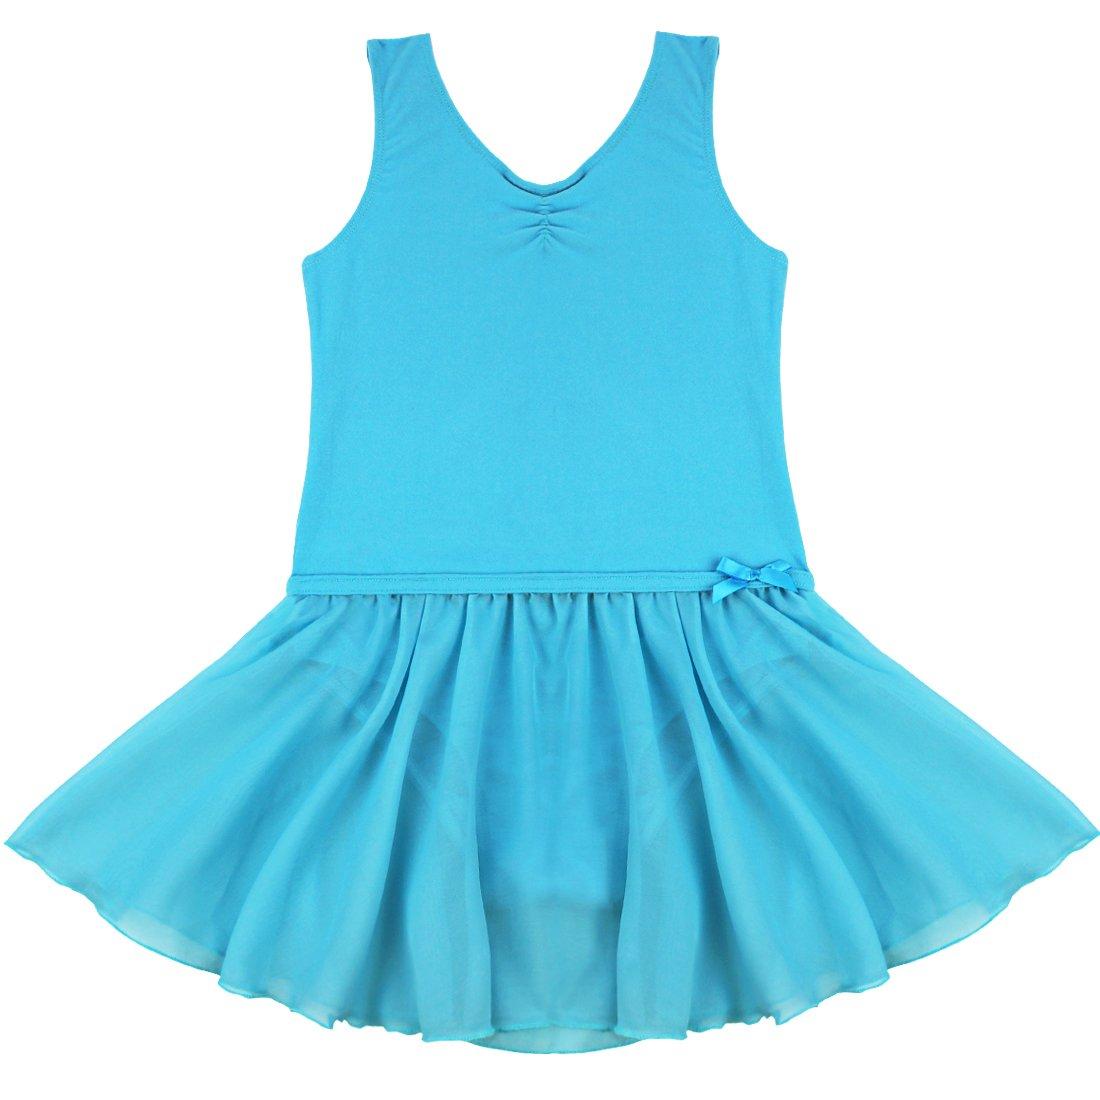 Tiaobug Mädchen Kinder Kleid Ballett Kleid Trikot Ballettanzug Bodys Gymnastikanzug Turnanzug Tanzkleid